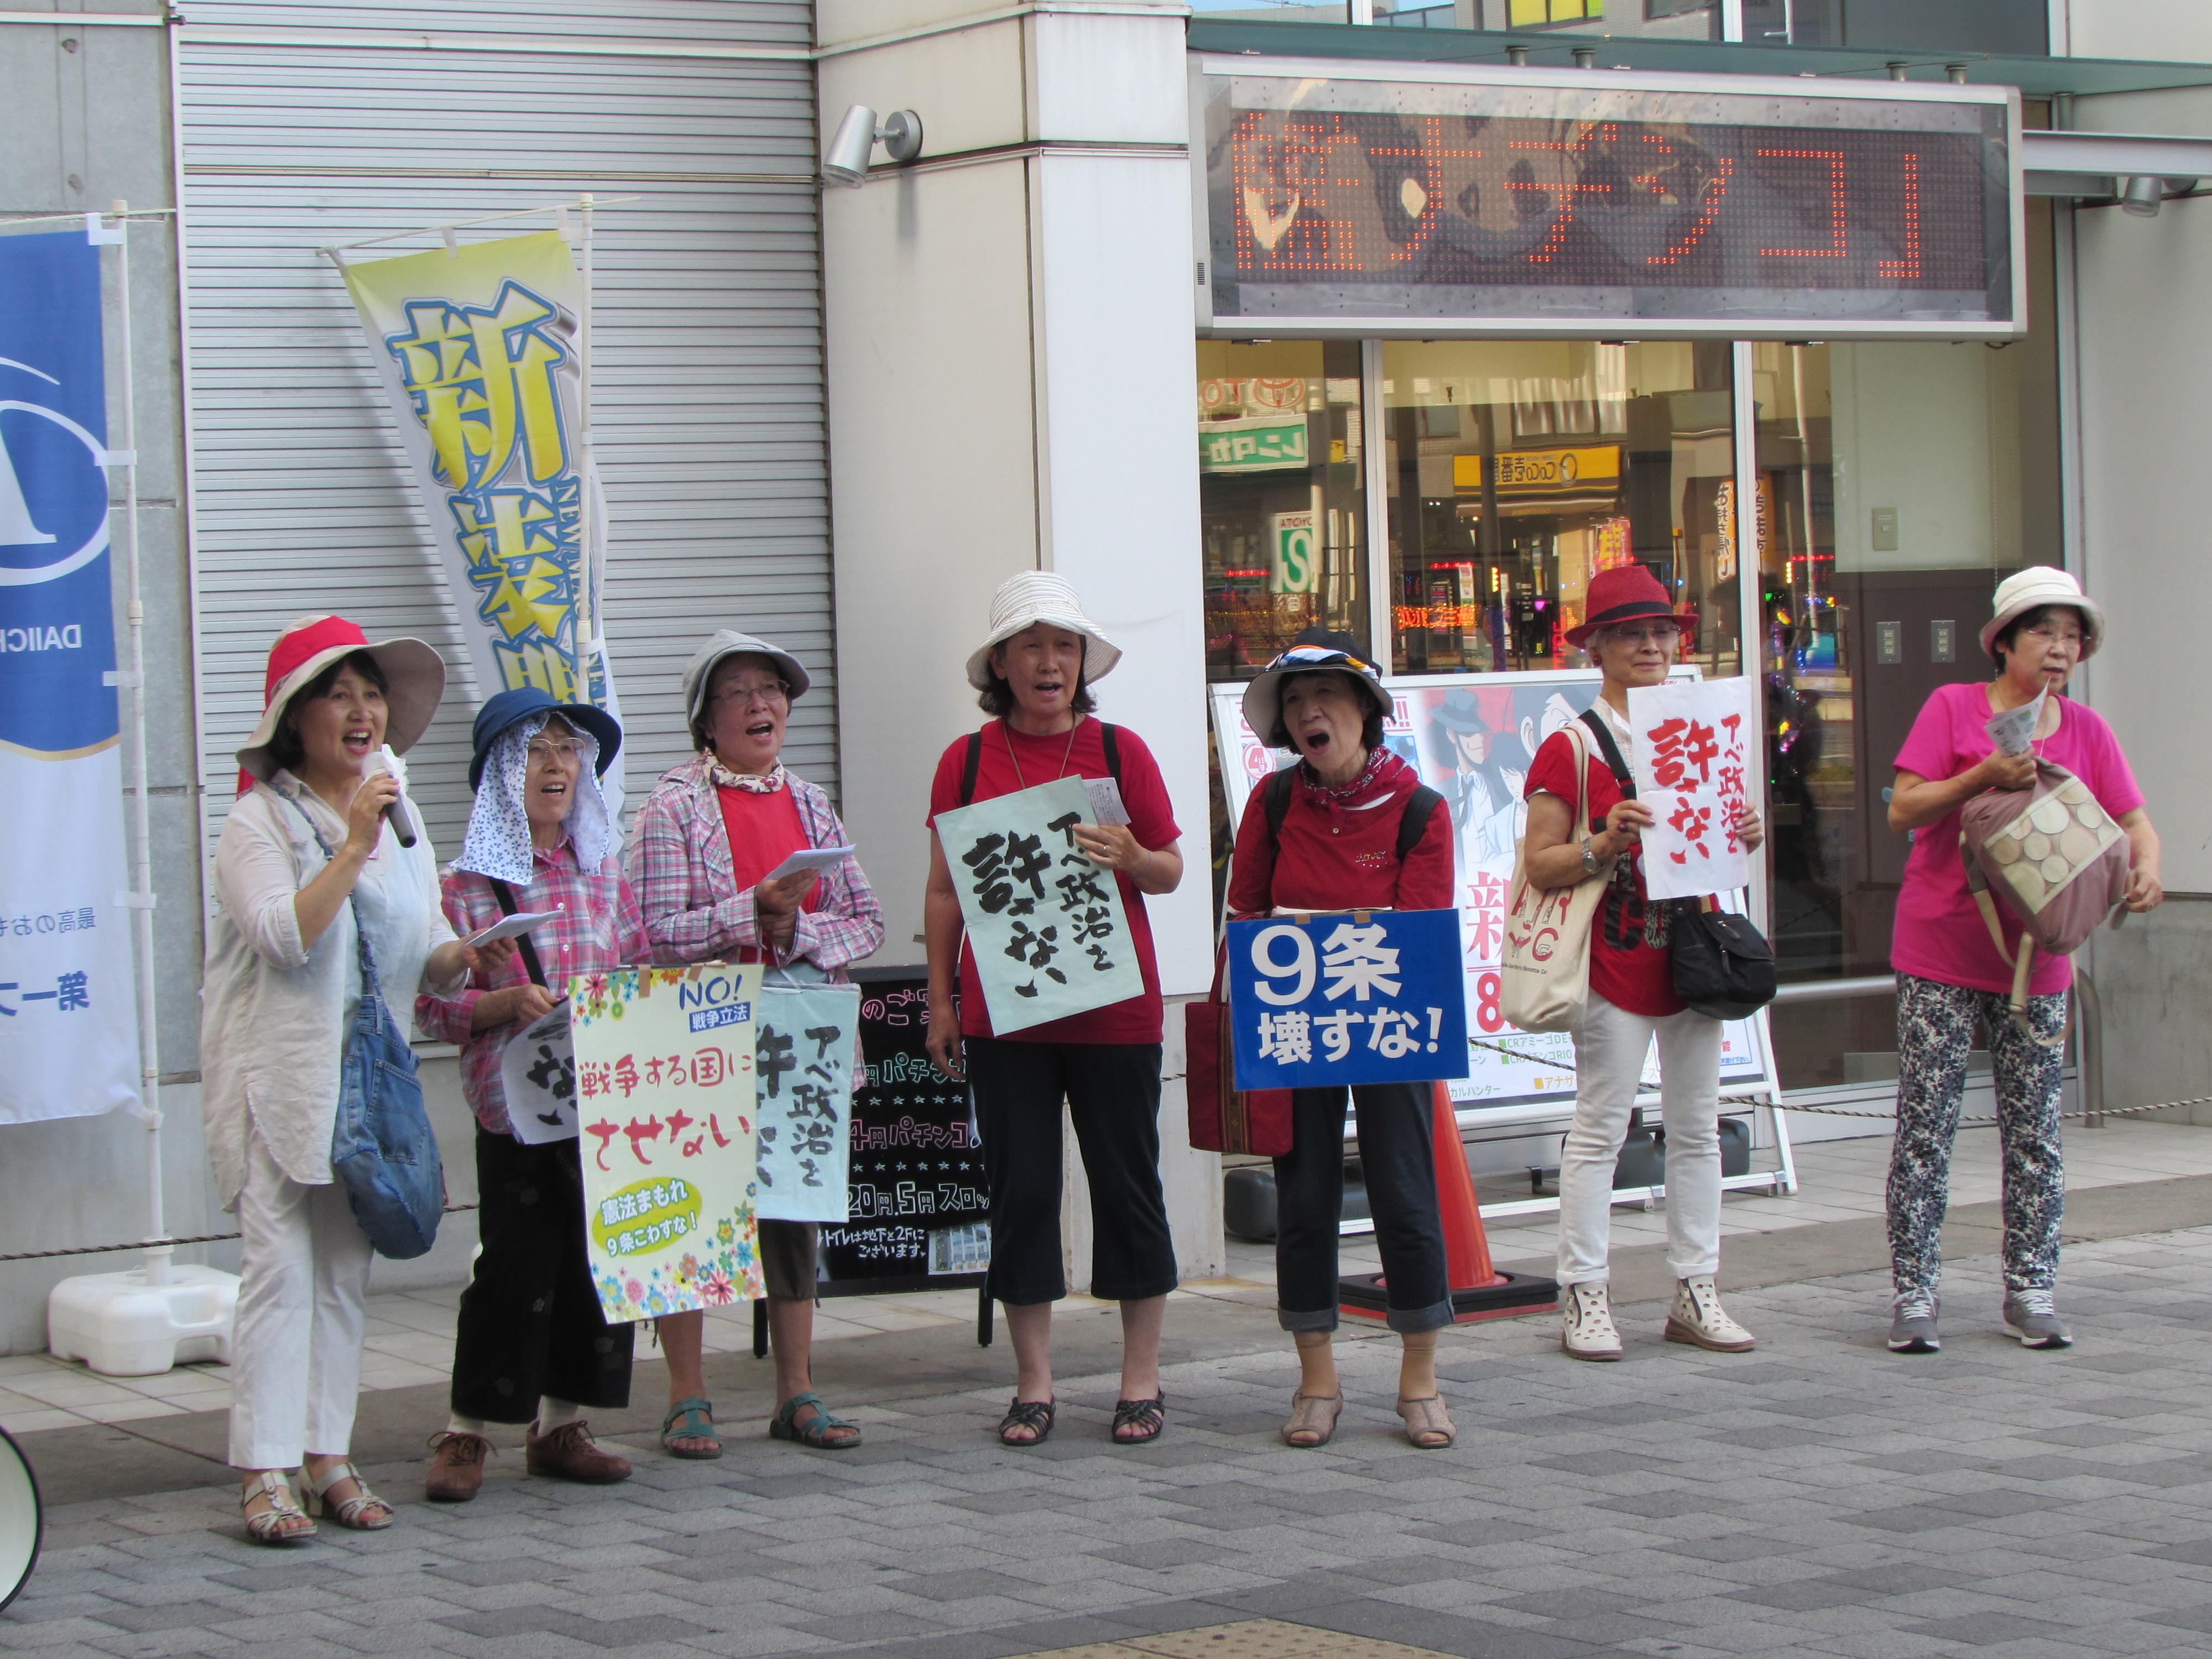 女性有志が呼びかけて戦争法反対を訴えるミニレッドアクション。<狭山市駅東口>